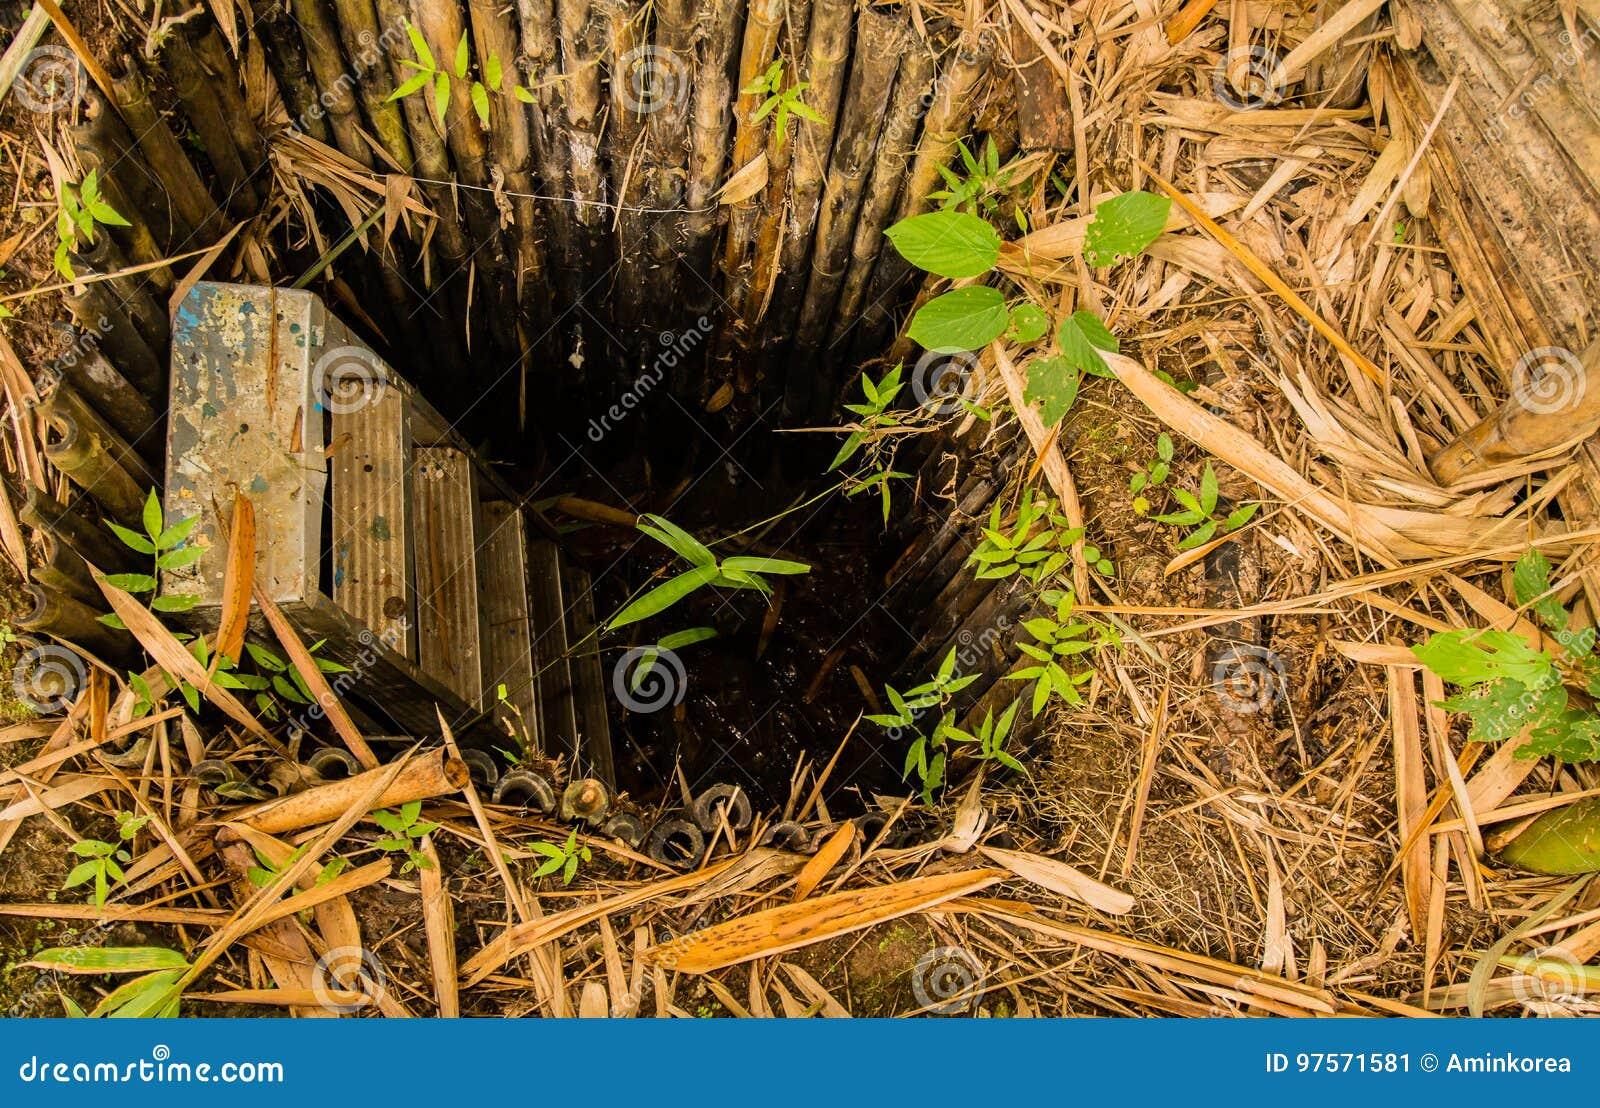 Bemannen Sie Gemachtes Loch Im Boden Der Mit Bambus Gezeichnet Wird